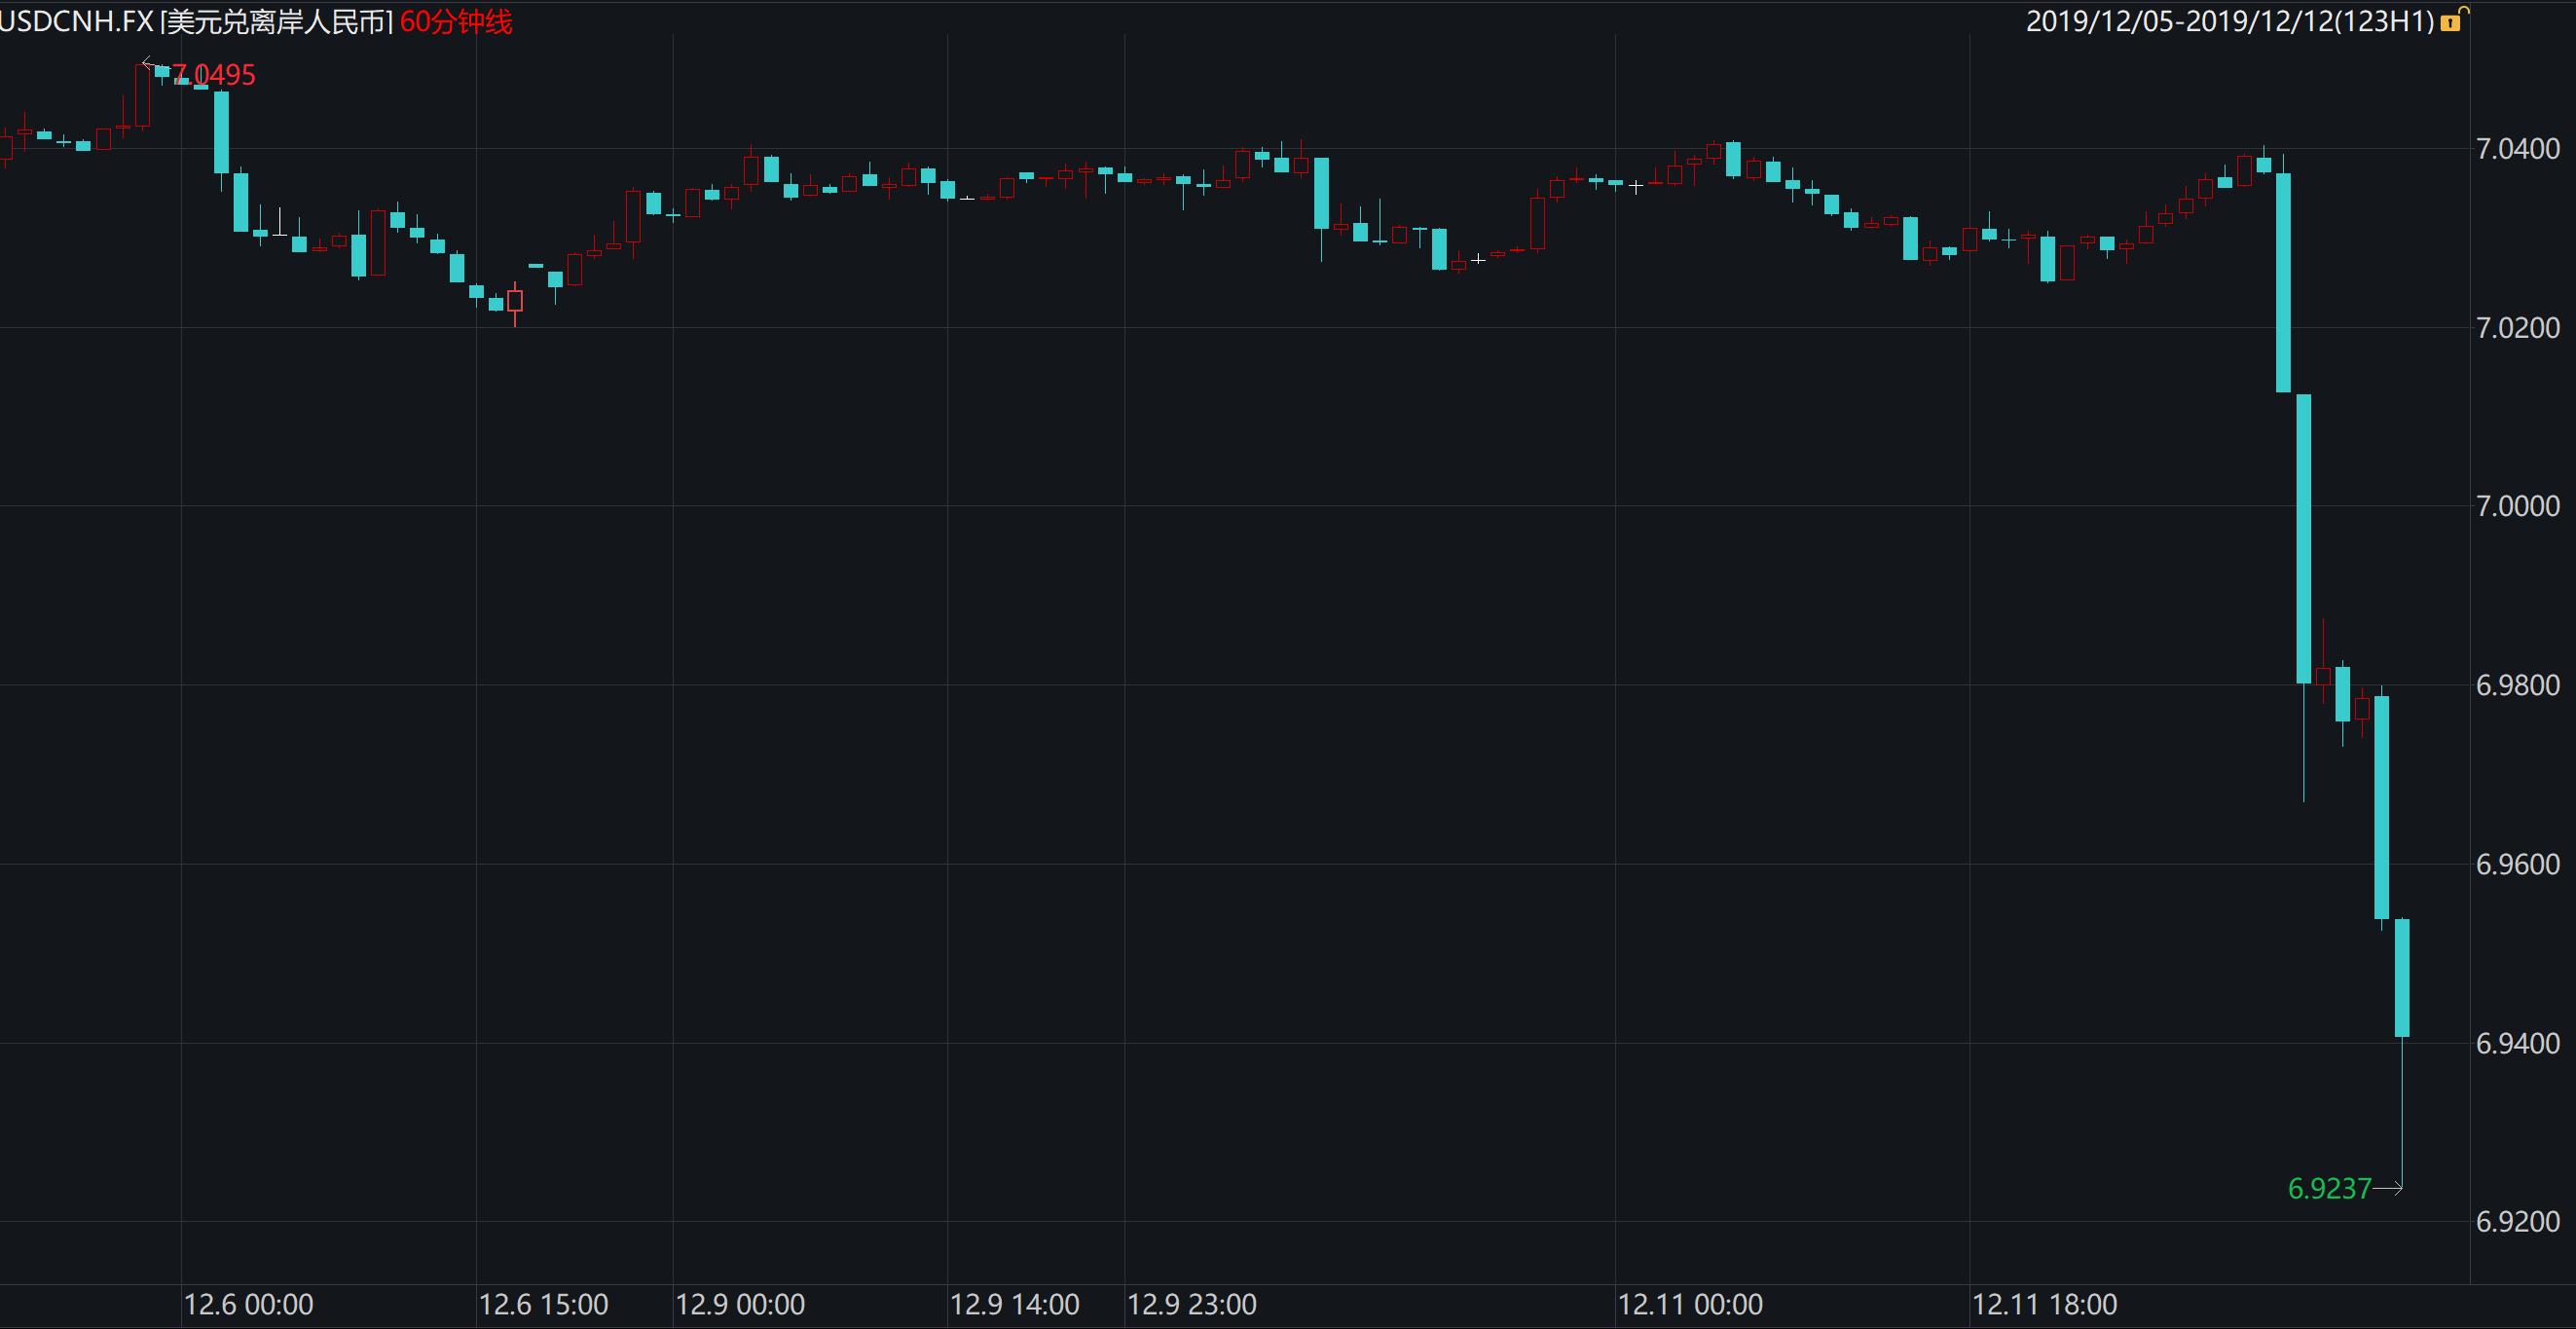 市场风险偏好迅速提升 美股收涨 黄金、日元下跌